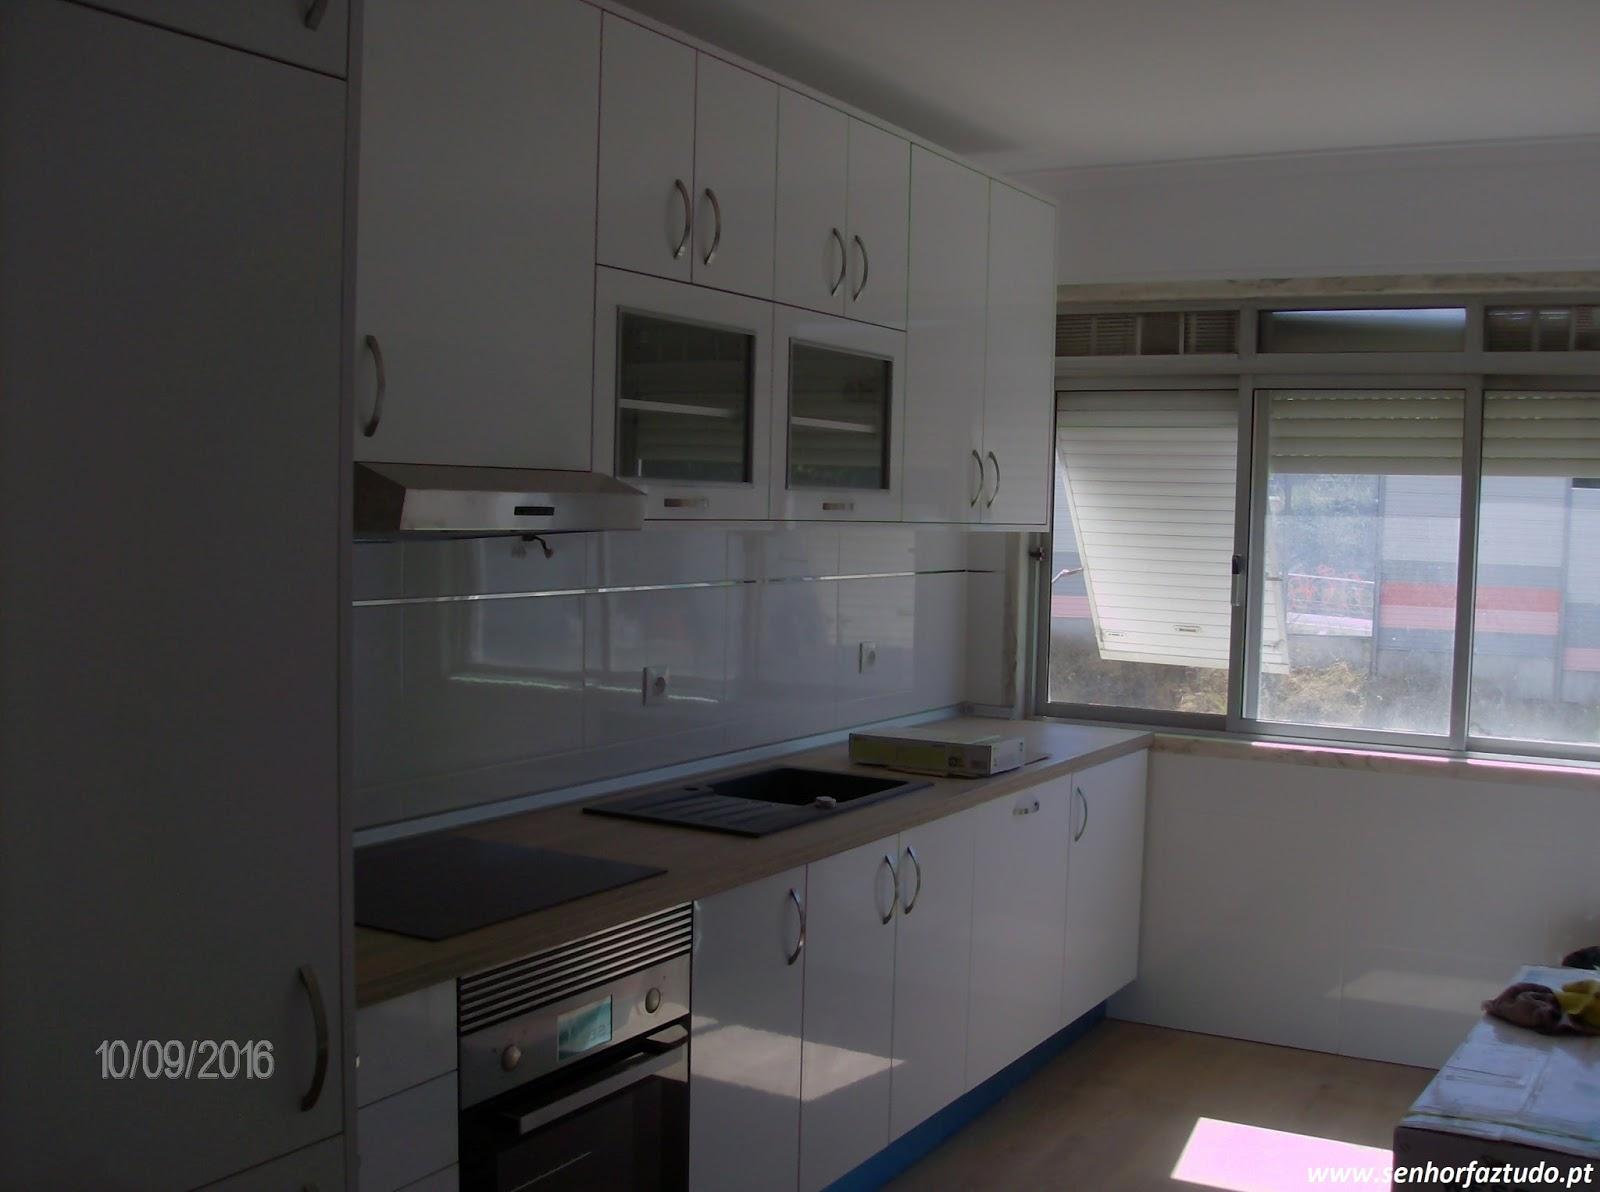 SENHOR FAZ TUDO Faz tudo pelo seu lar !®: Remodelação de Cozinhas #536078 1600 1192